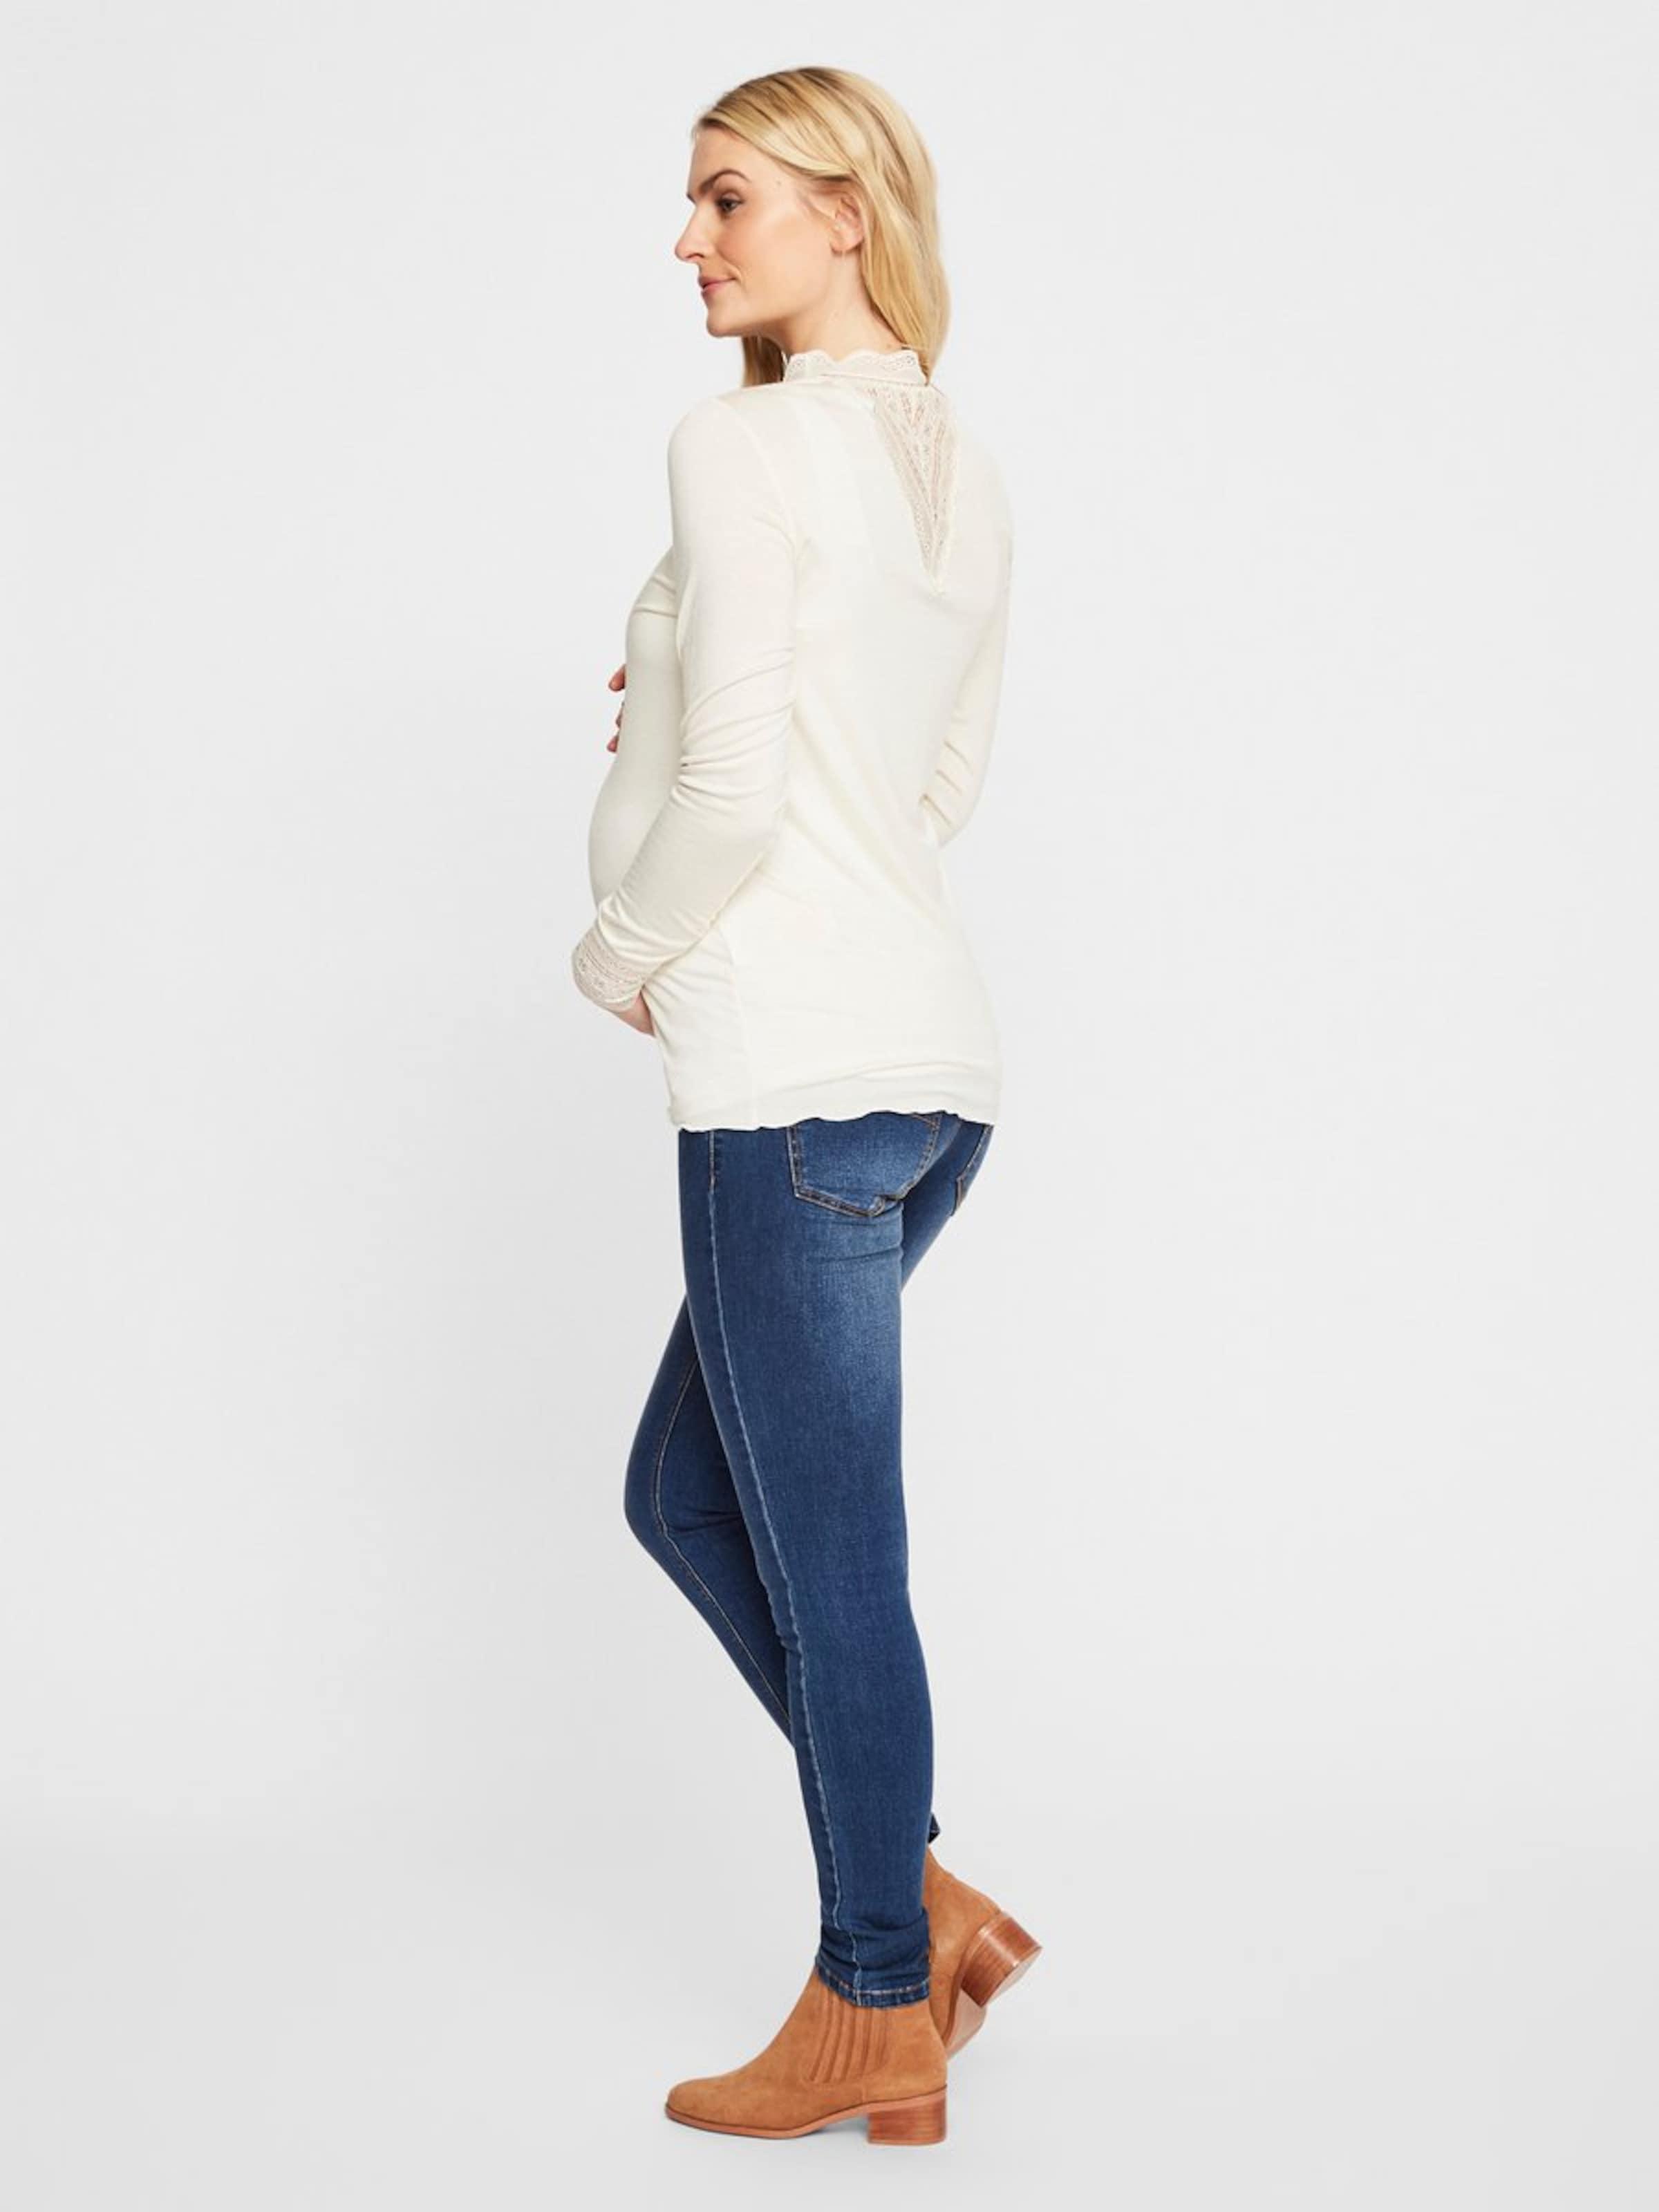 Blanc T Mamalicious shirt En Mamalicious shirt T q534jARL